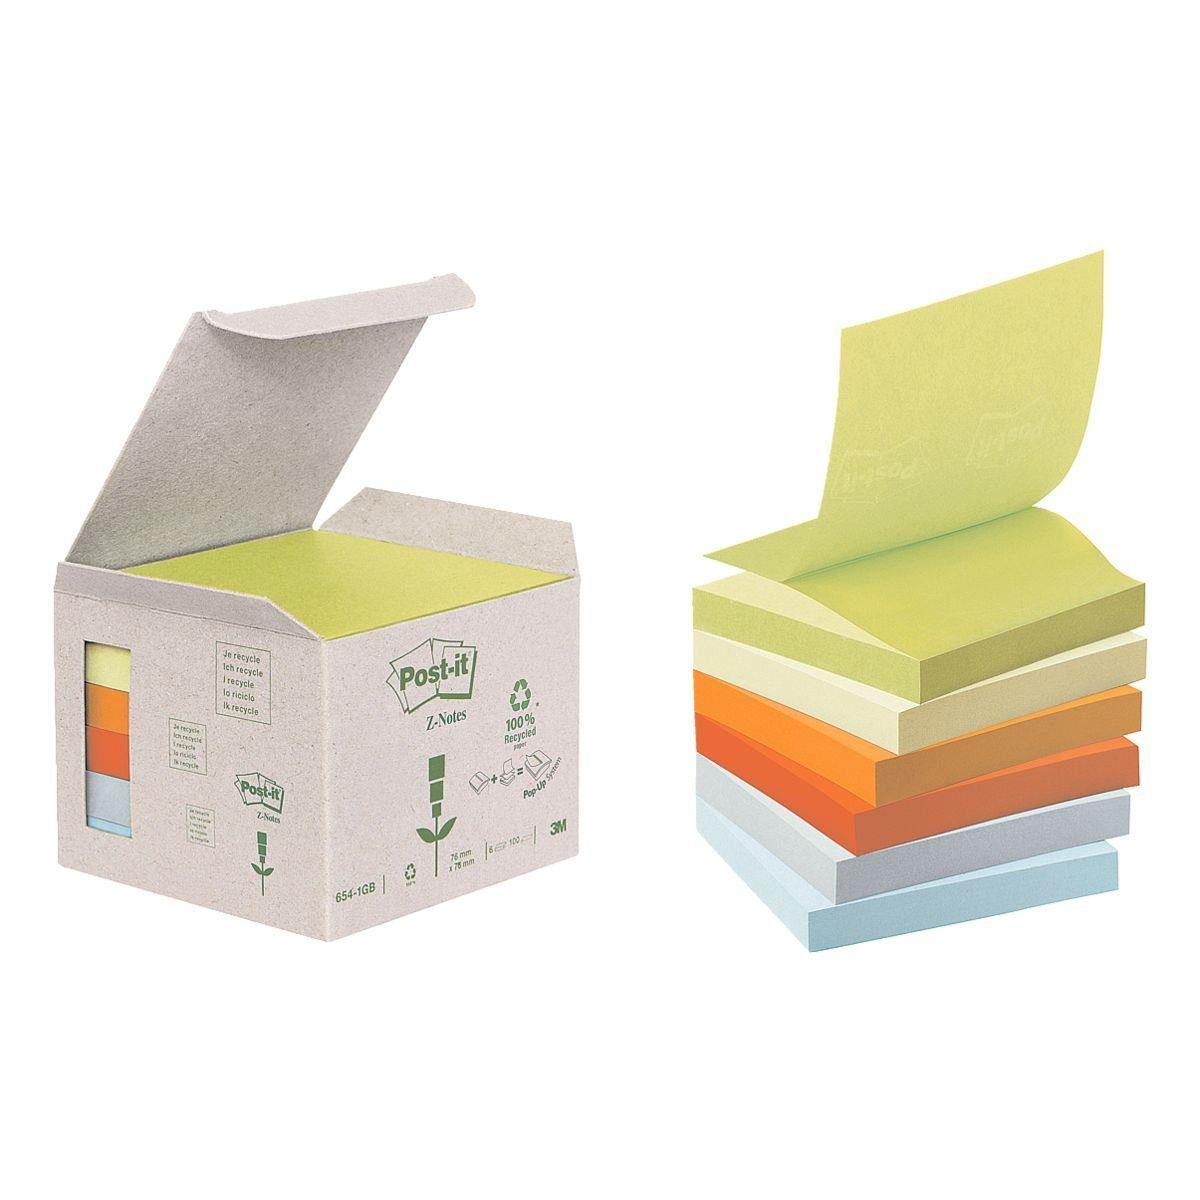 POSTITNOTESRECYCLE 6er-Pack Haftnotizblöcke »Recycling Z-Notes«